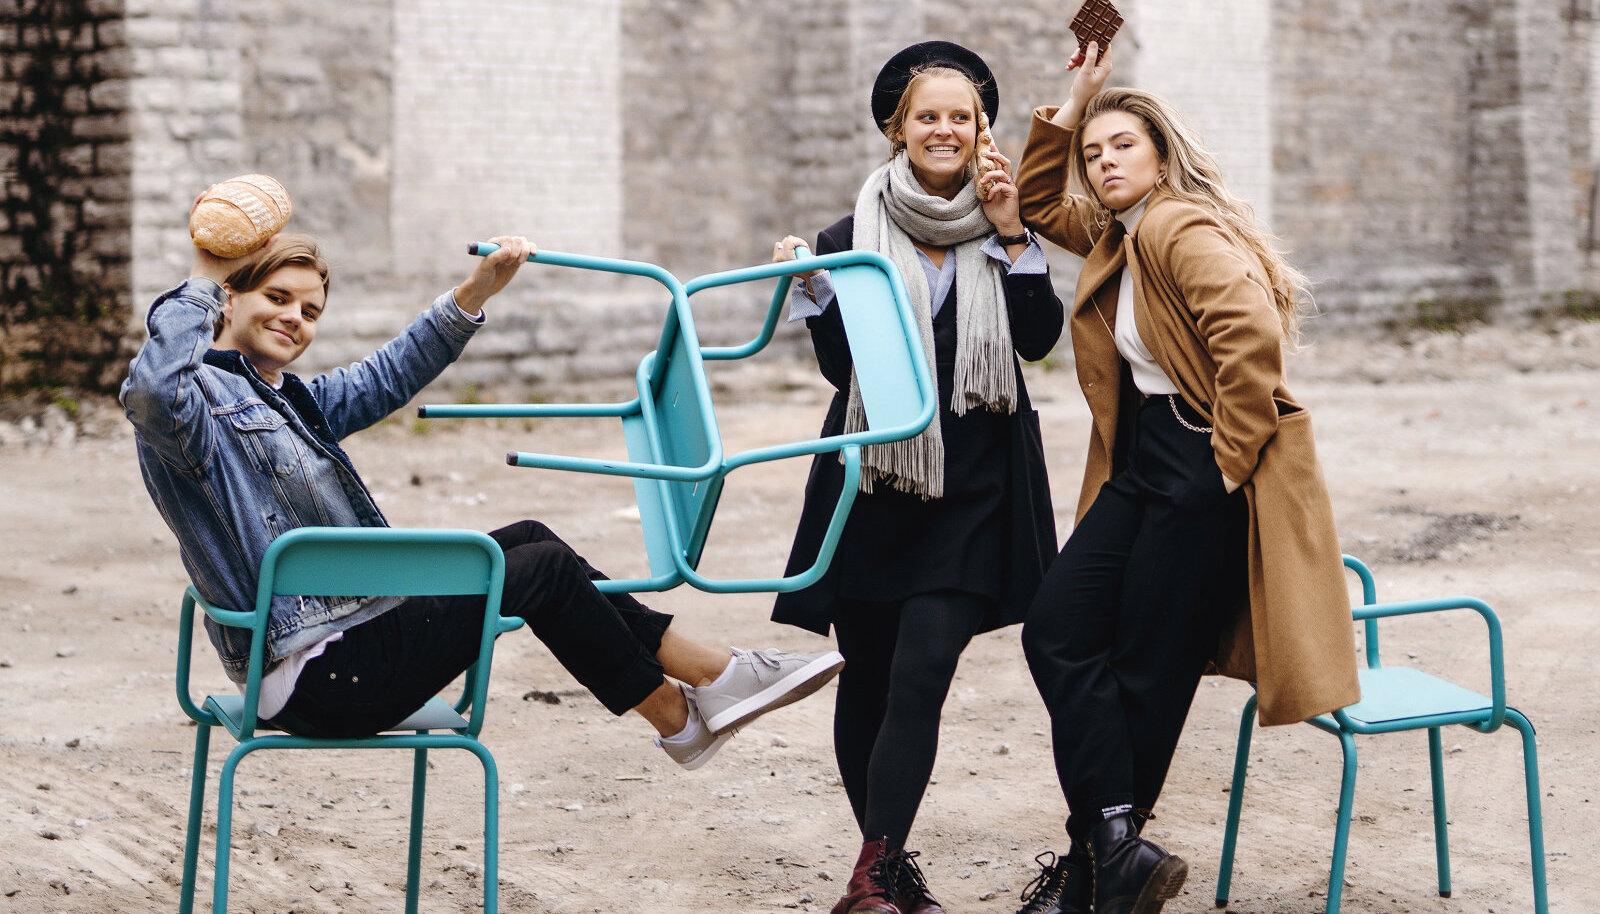 """""""Meil peab lihtsalt endal fun olema seda teha."""" Näljane Nelik, õigemini hetkel Näljane Kolmik: Rasmus Õisma, Marleen Valdmaa ja Susann Kõomägi. Kertu Rattus on parasjagu Brüsselis. Foto: Krõõt Tarkmeel"""